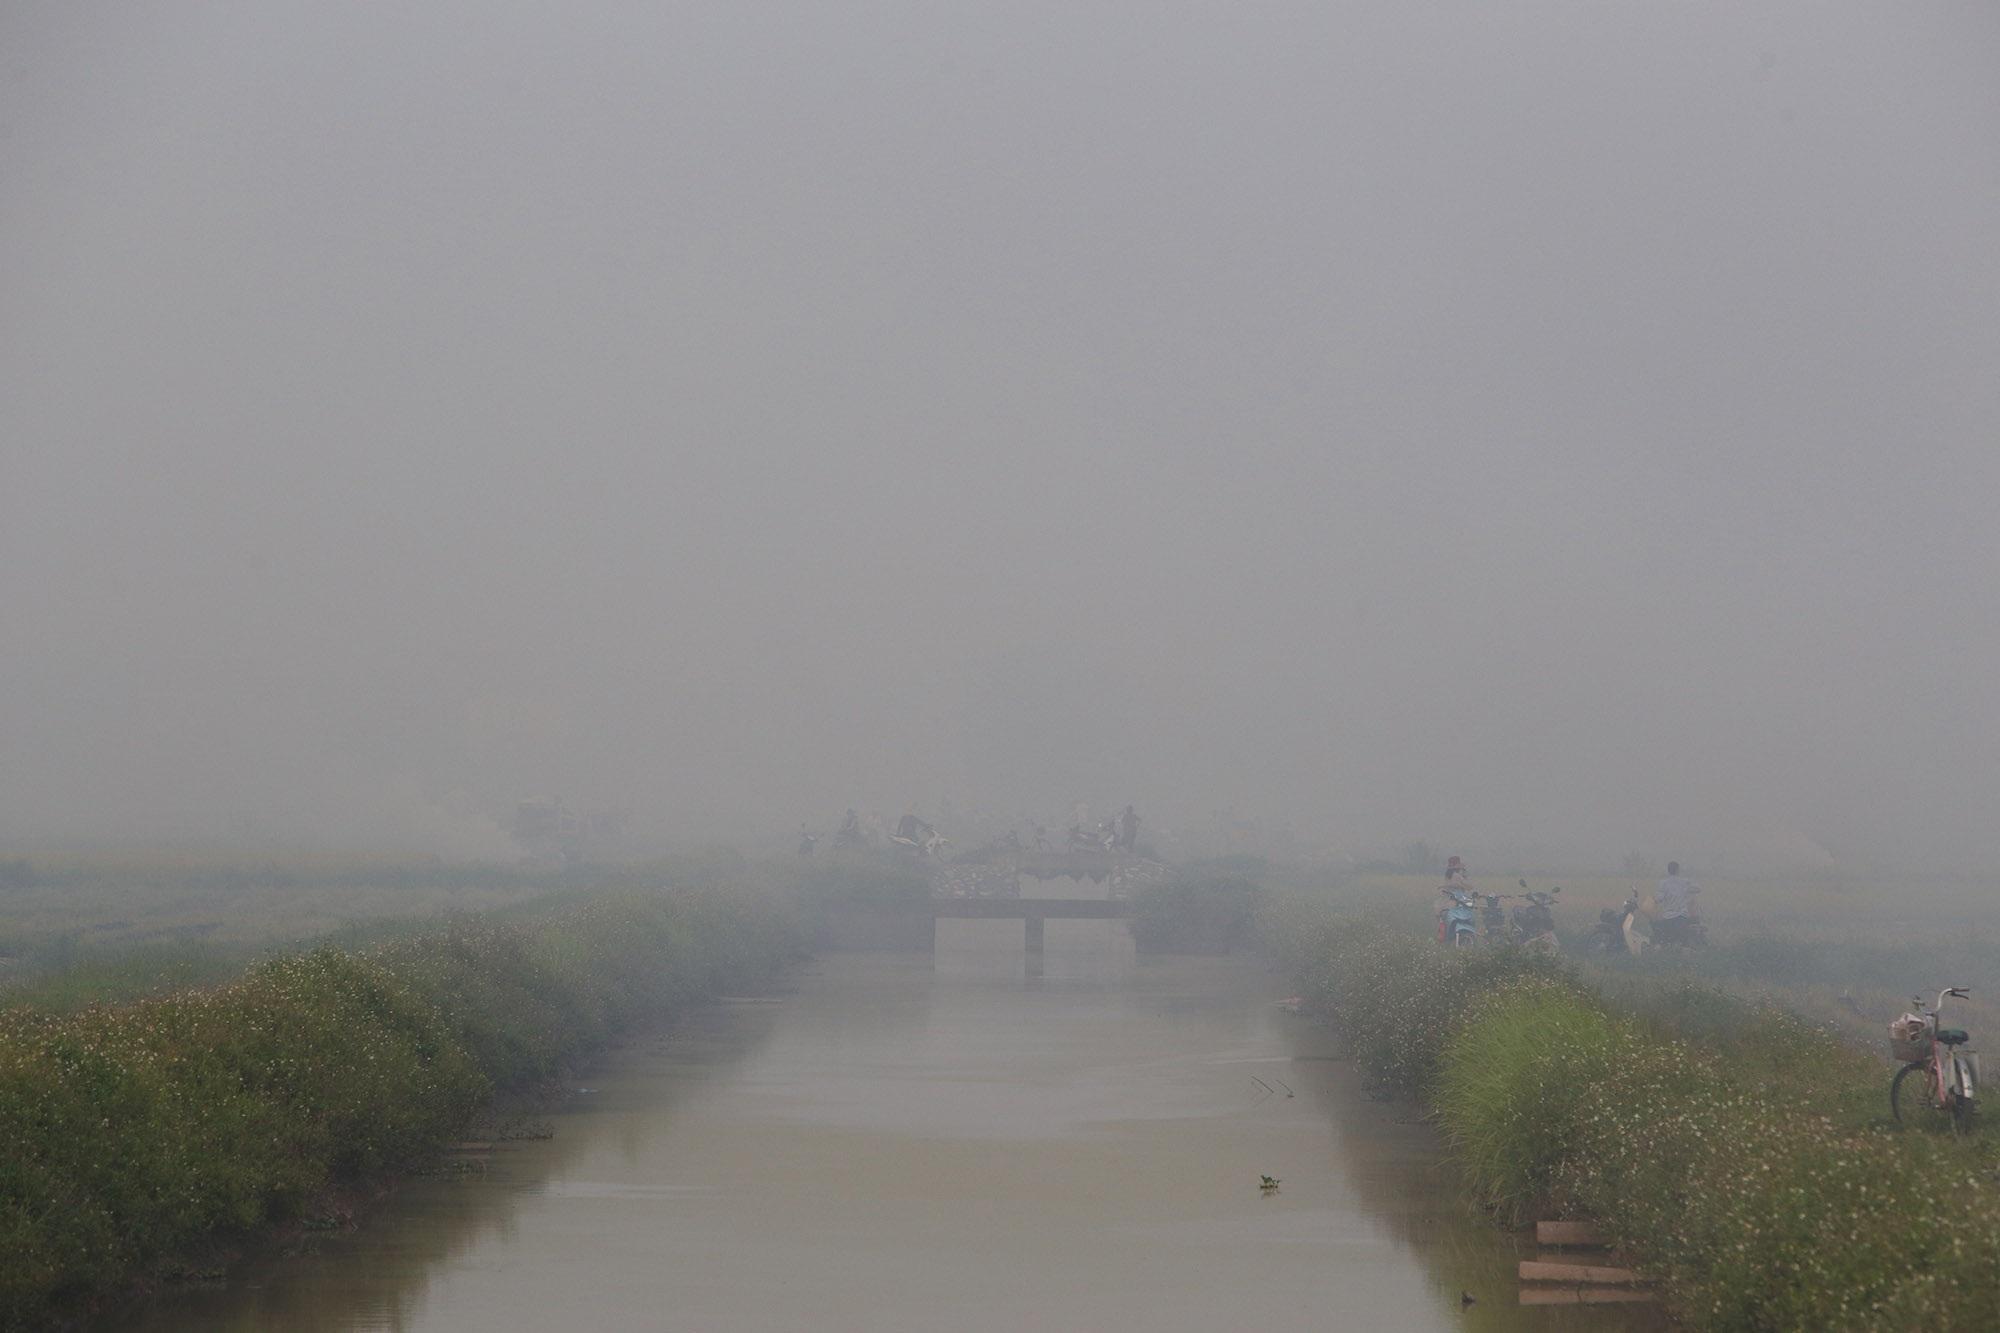 Cảnh khói trắng đặc quánh bao phủ cửa ngõ Hà Nội - 15